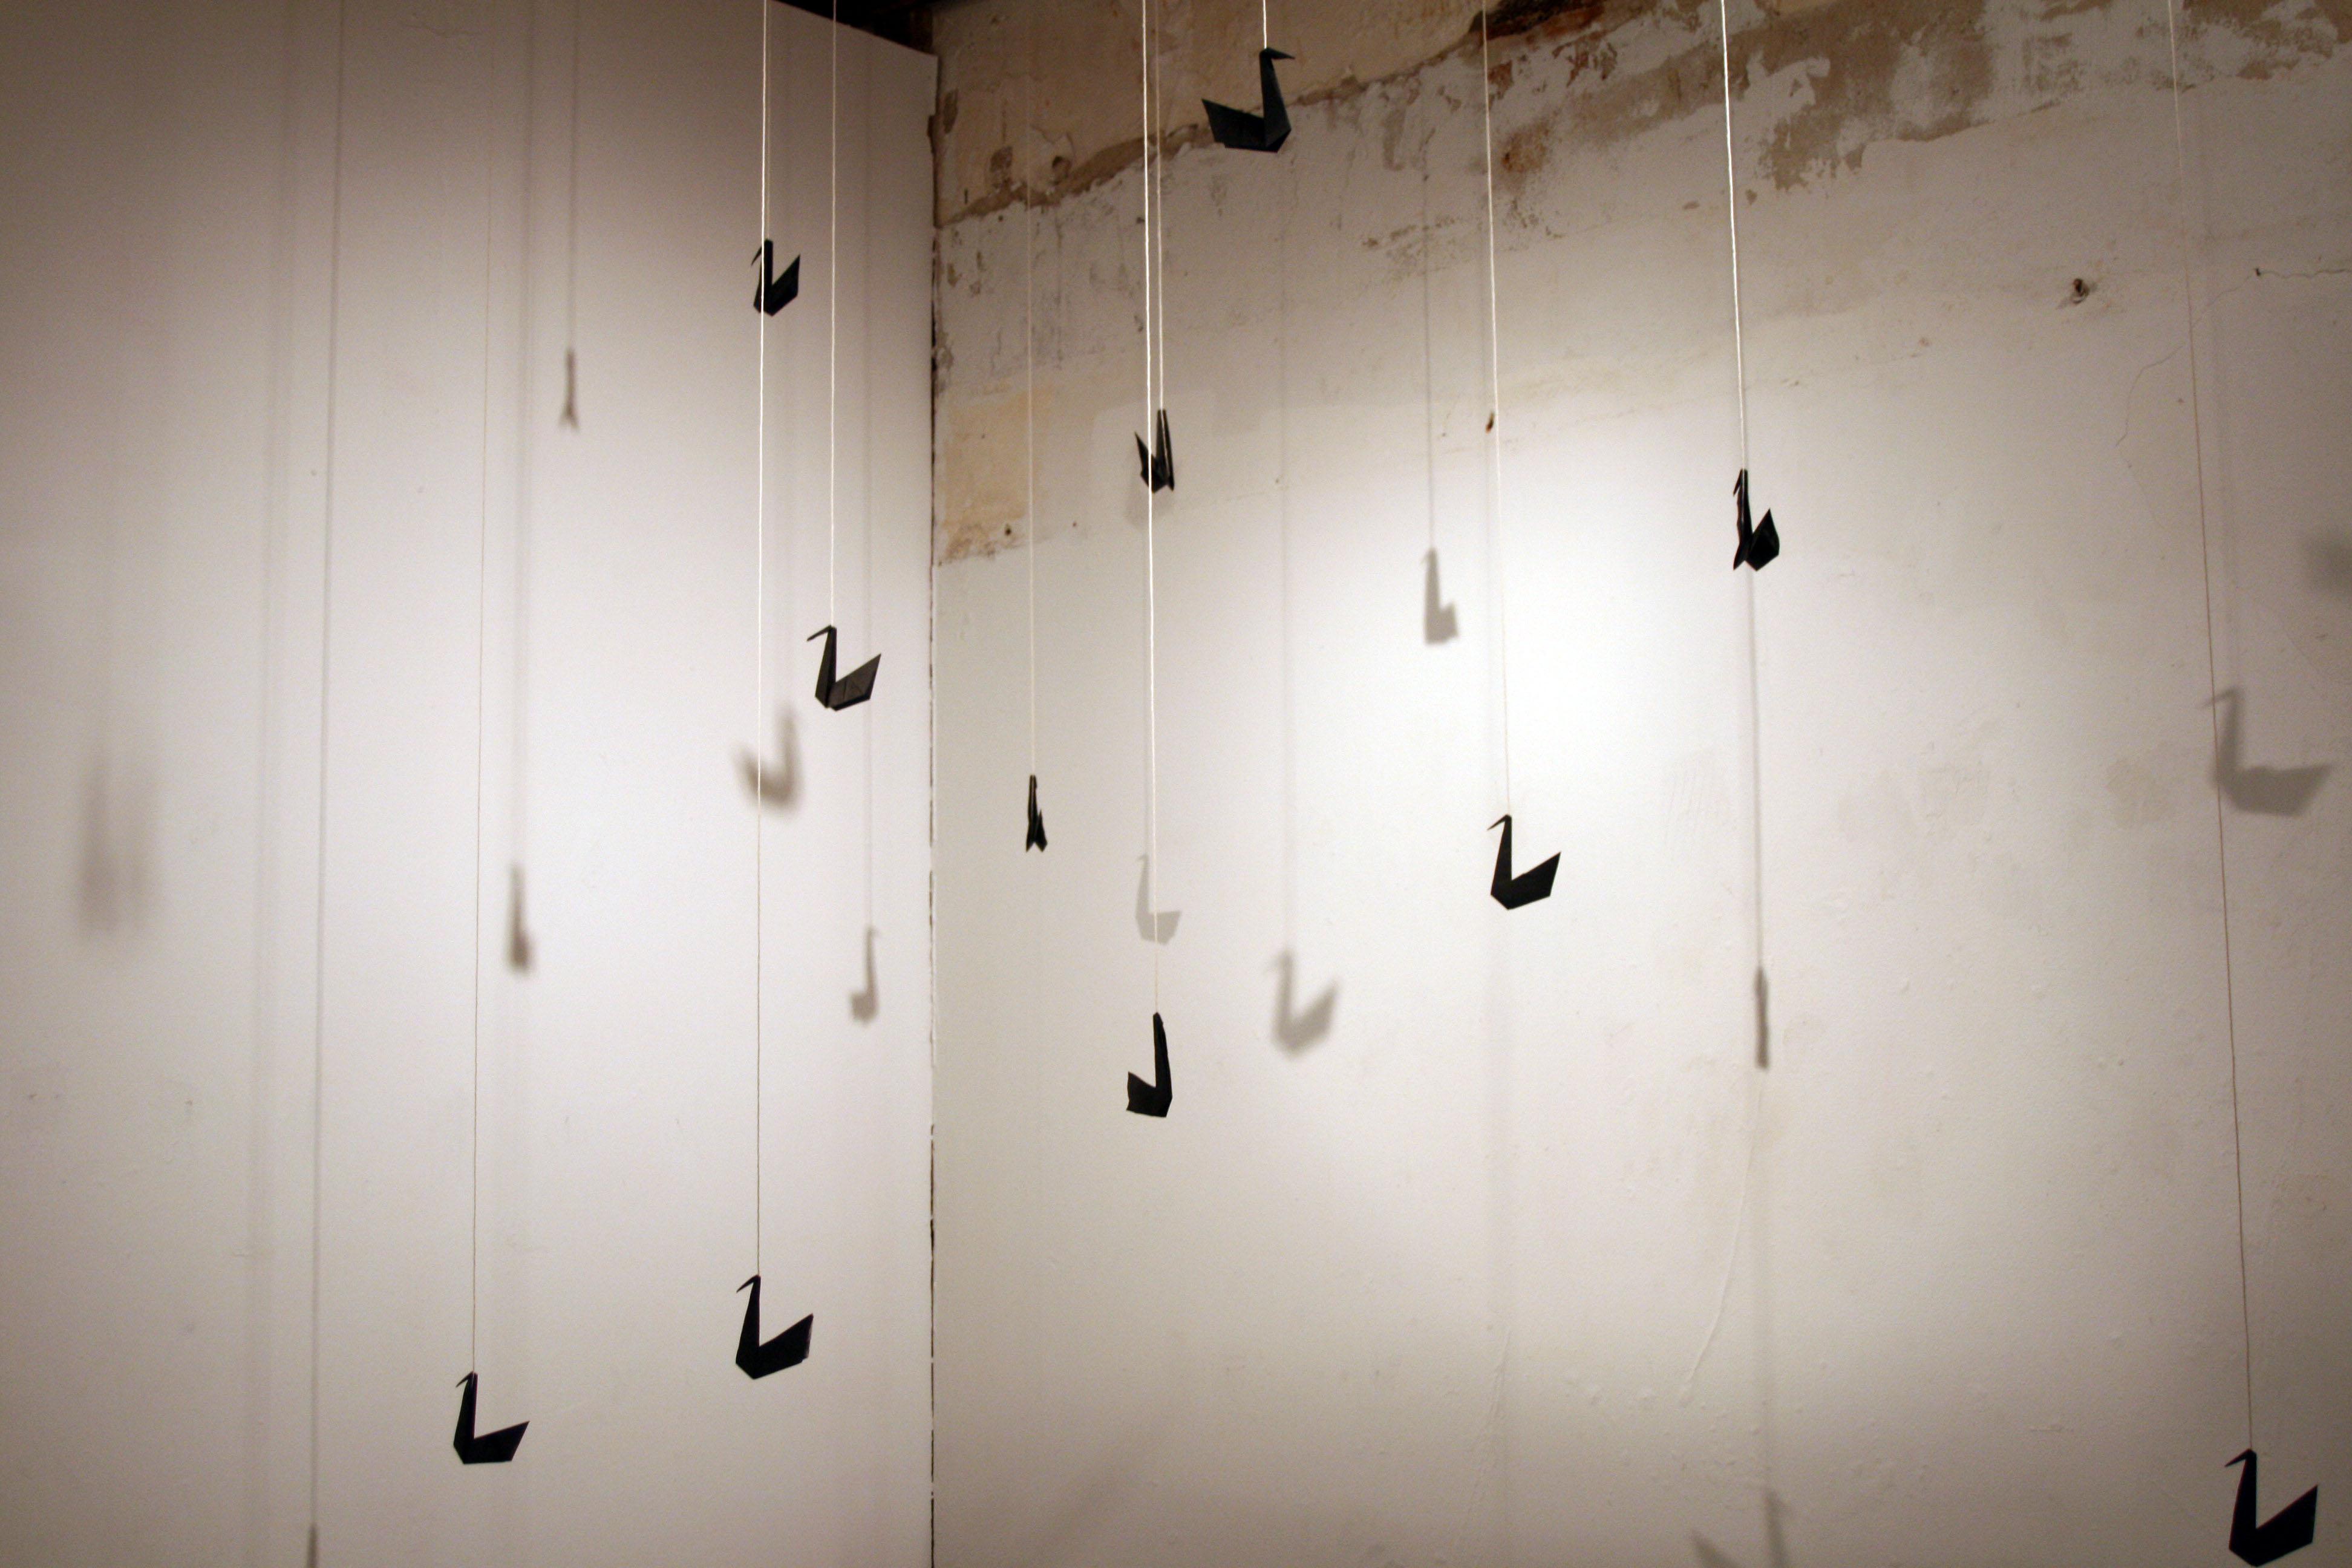 hanging swans